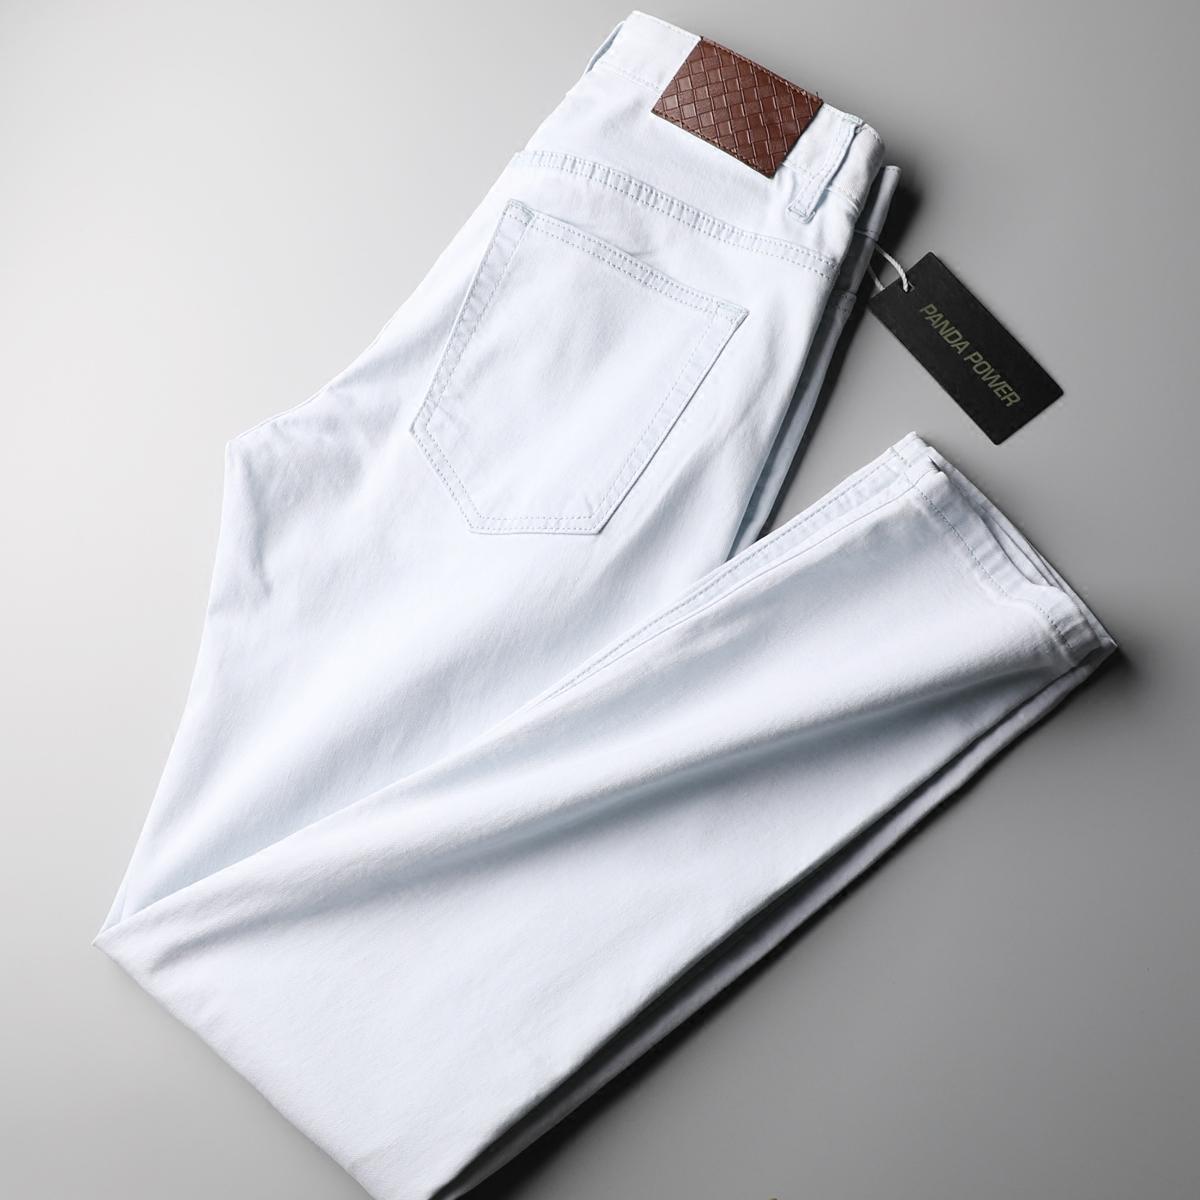 魅力浅色水洗牛仔裤男舒适弹力好穿棉质透气男士直筒修身牛仔裤